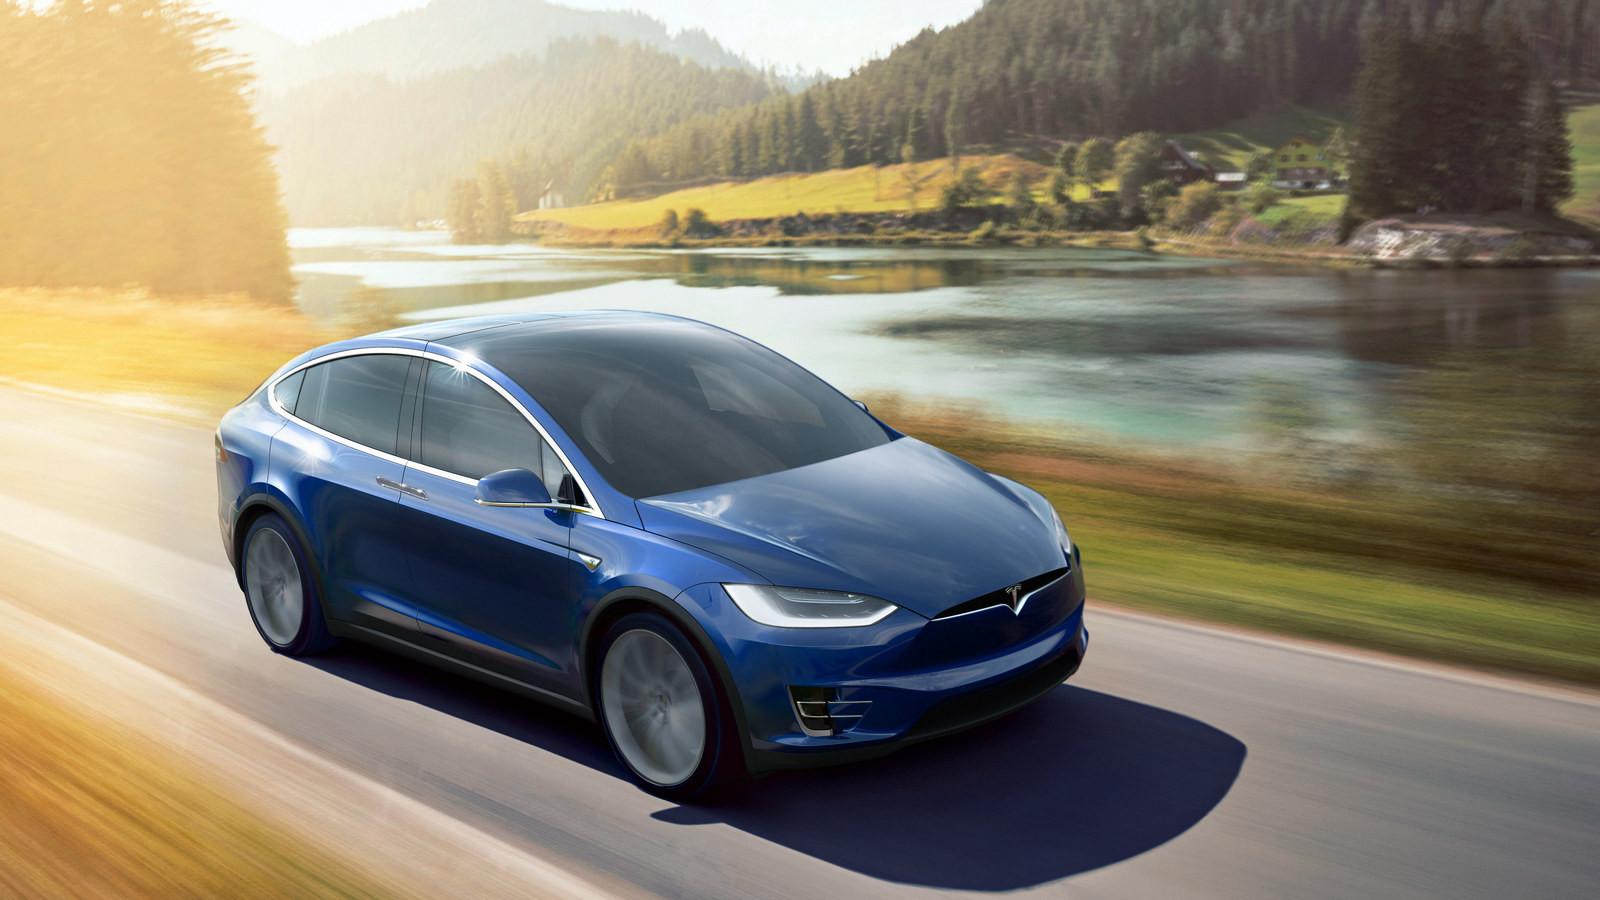 Натреть подскочили продажи электромобилей: вывозит Tesla, однако неПетербург